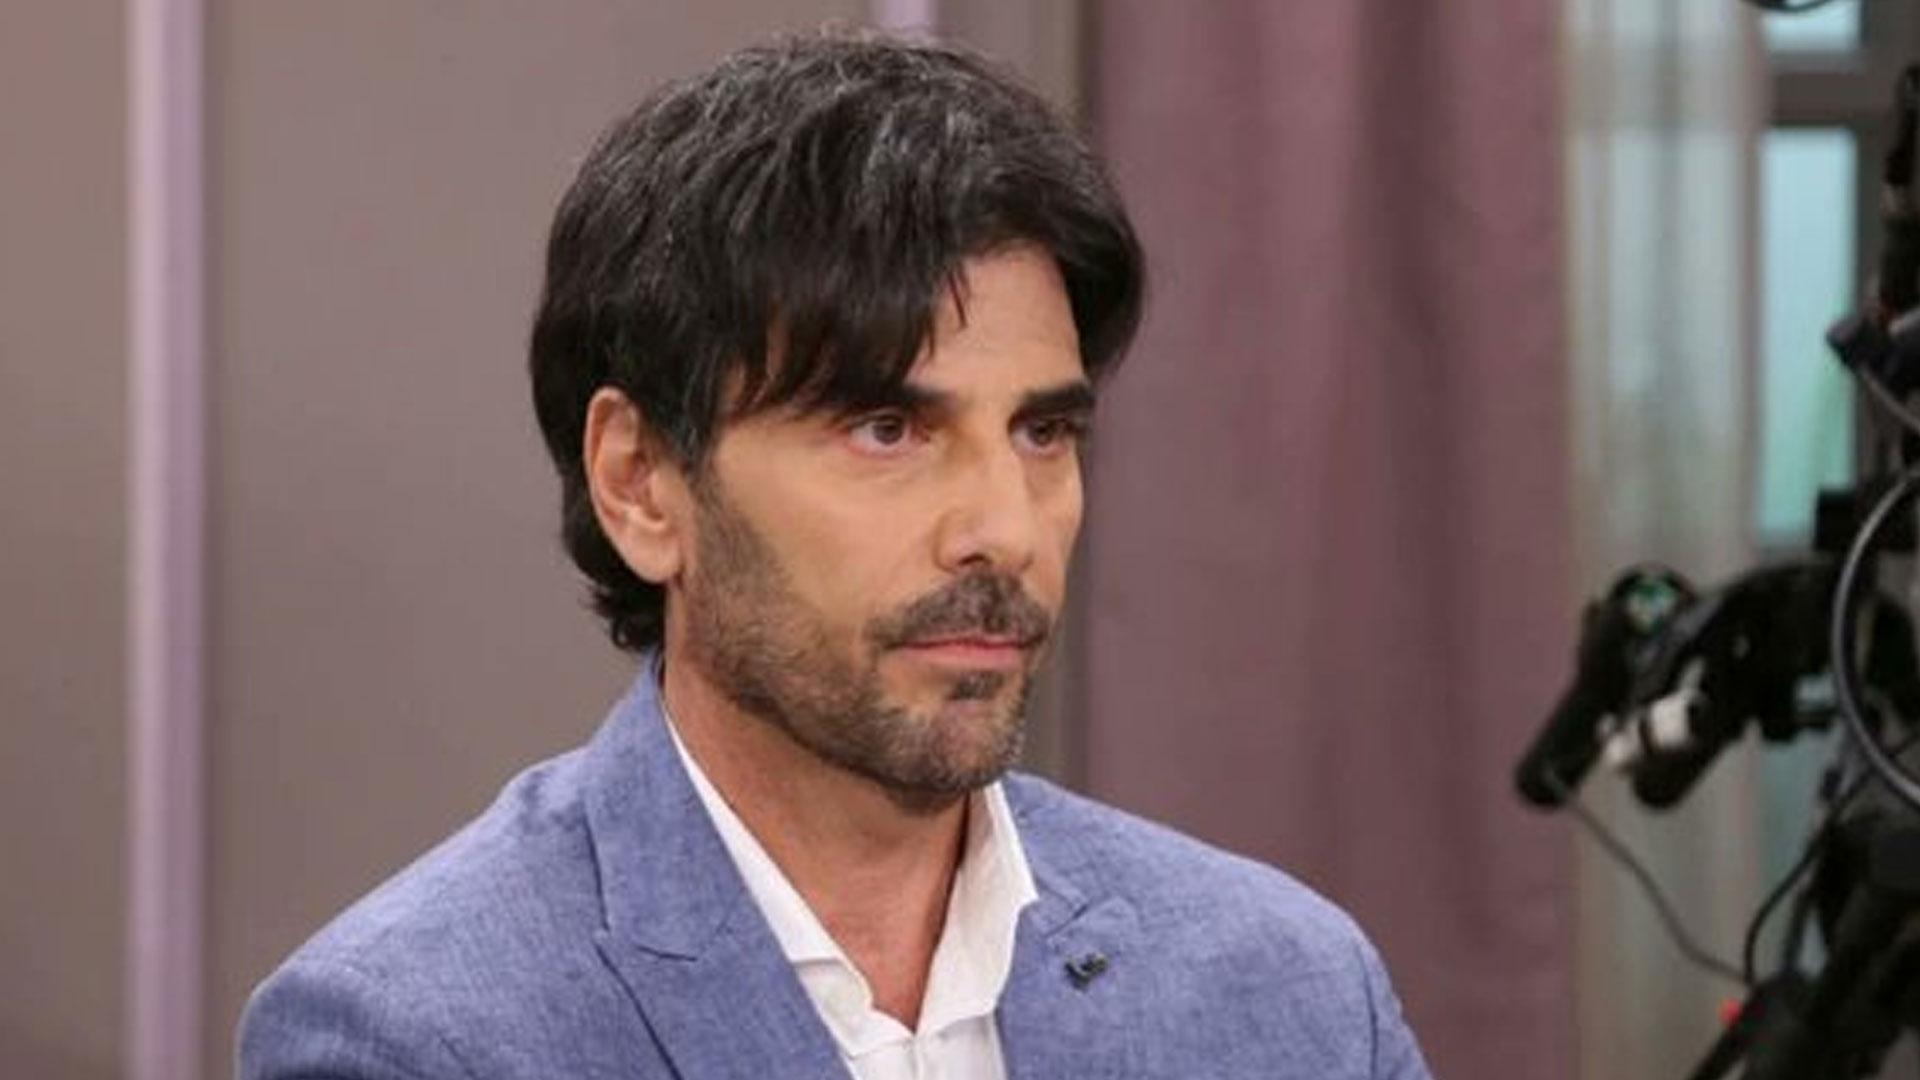 Juan Darthés, el actor acusado de violación